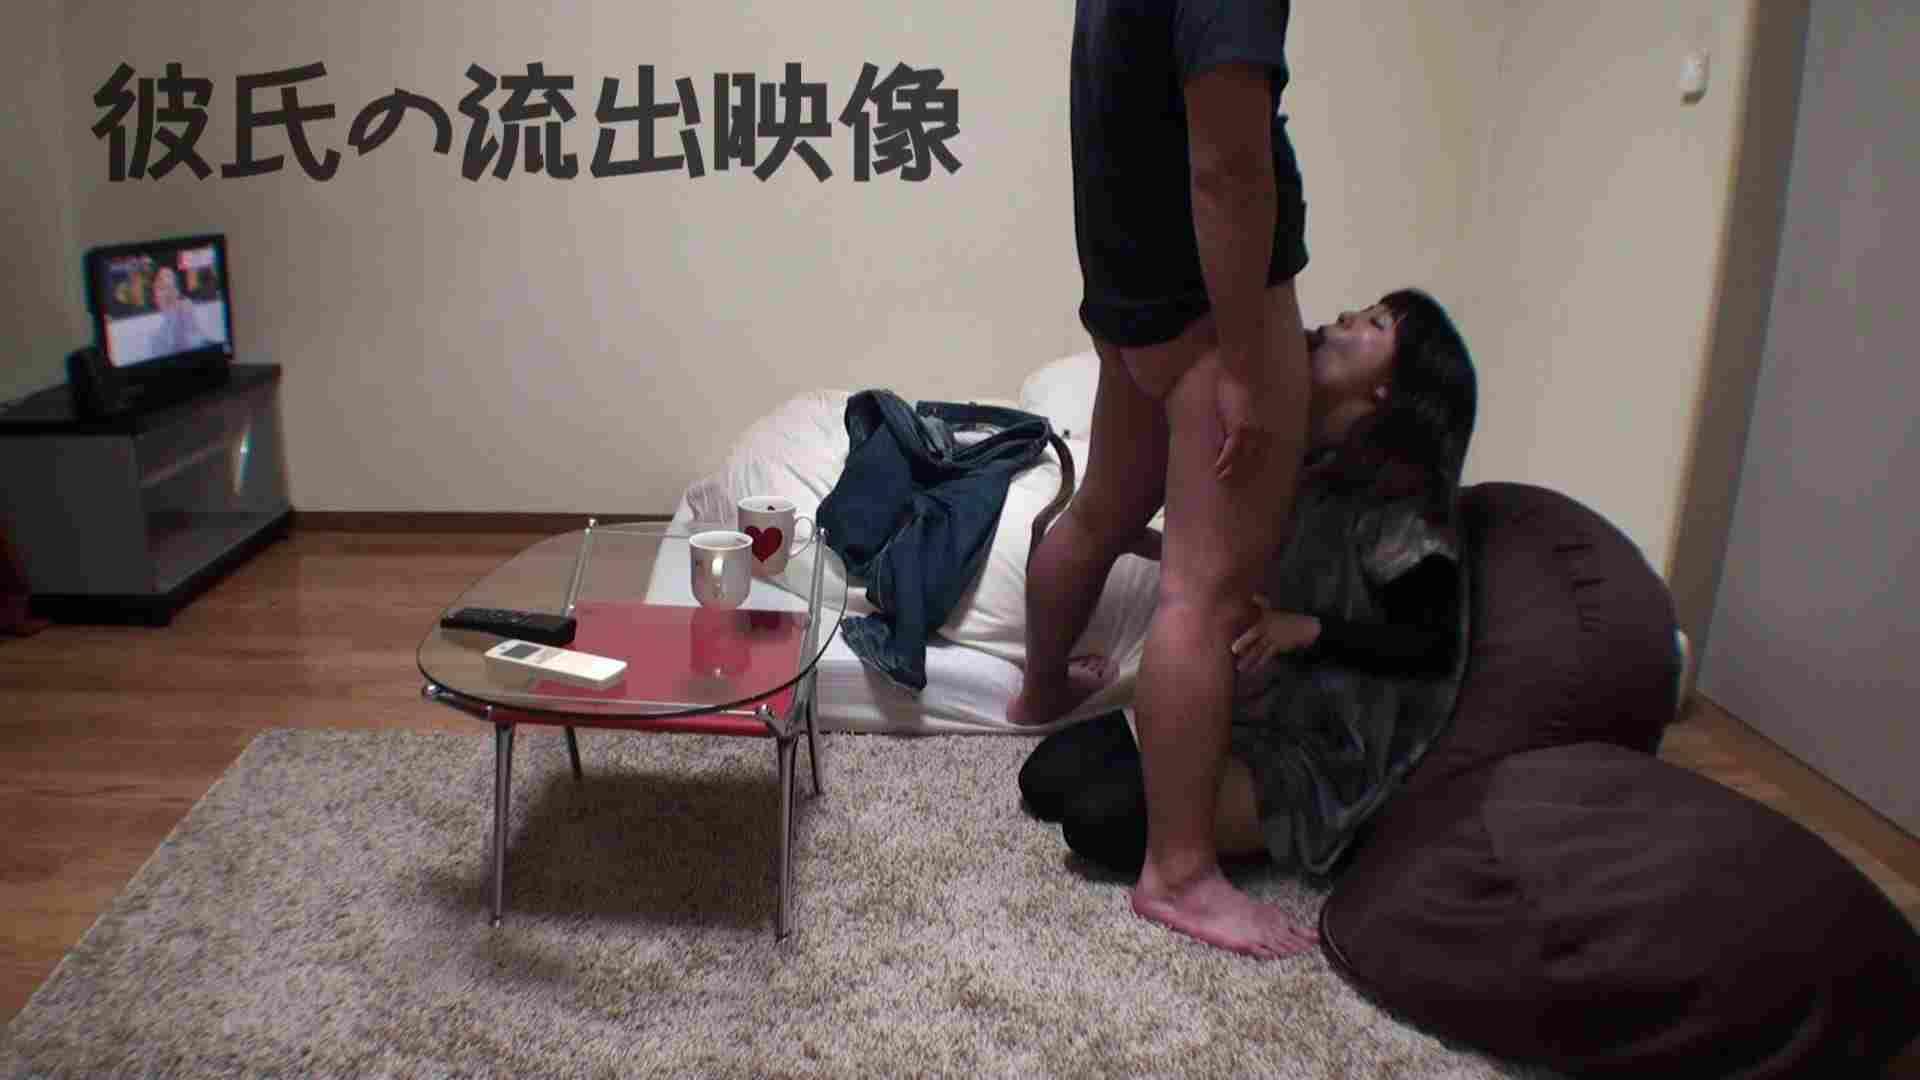 彼氏が流出 パイパン素人嬢のハメ撮り映像02 一般投稿 | ギャル達のSEX  61画像 12